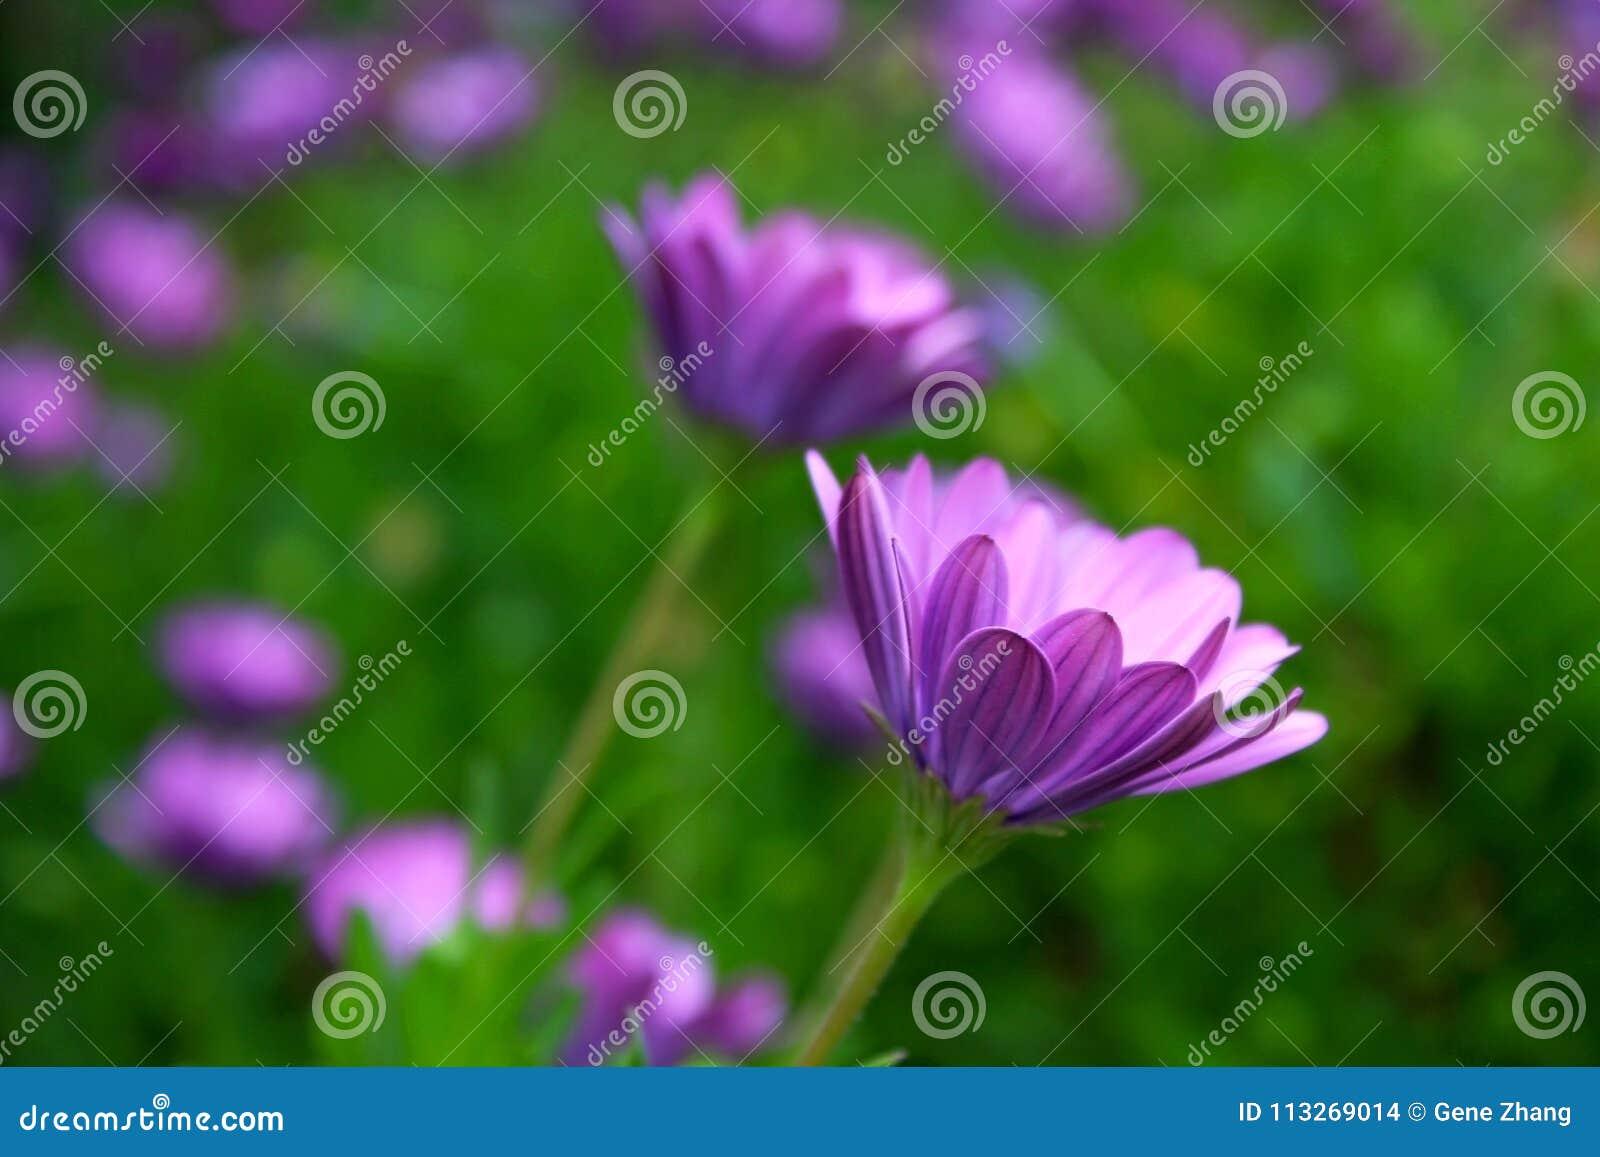 Purple African Daisy bush meadow in bloom